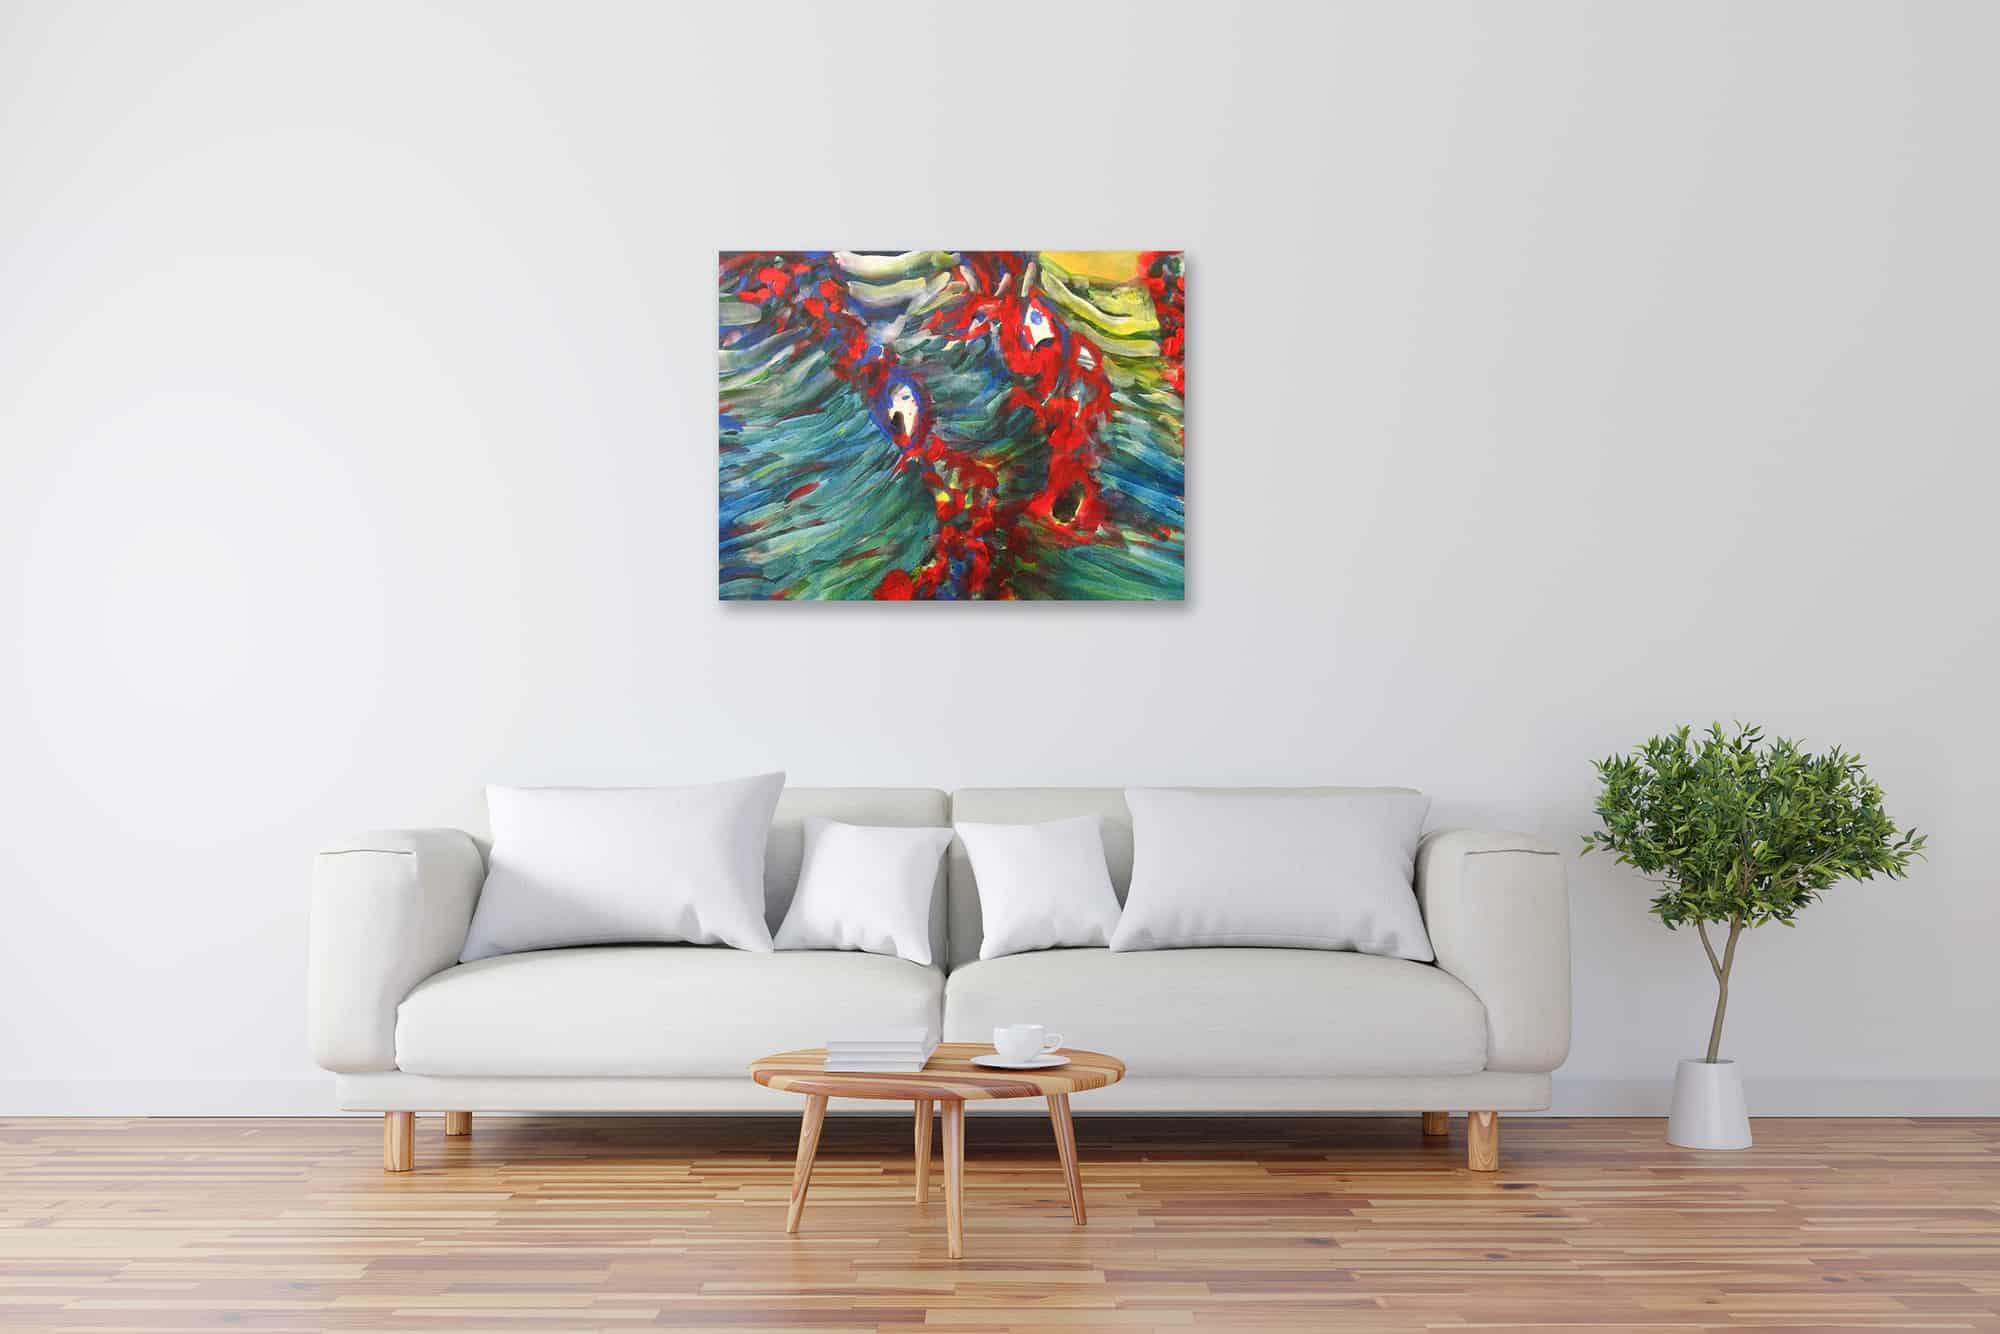 Modernes Kunstbild Acryl auf Leinwand Natur künstler